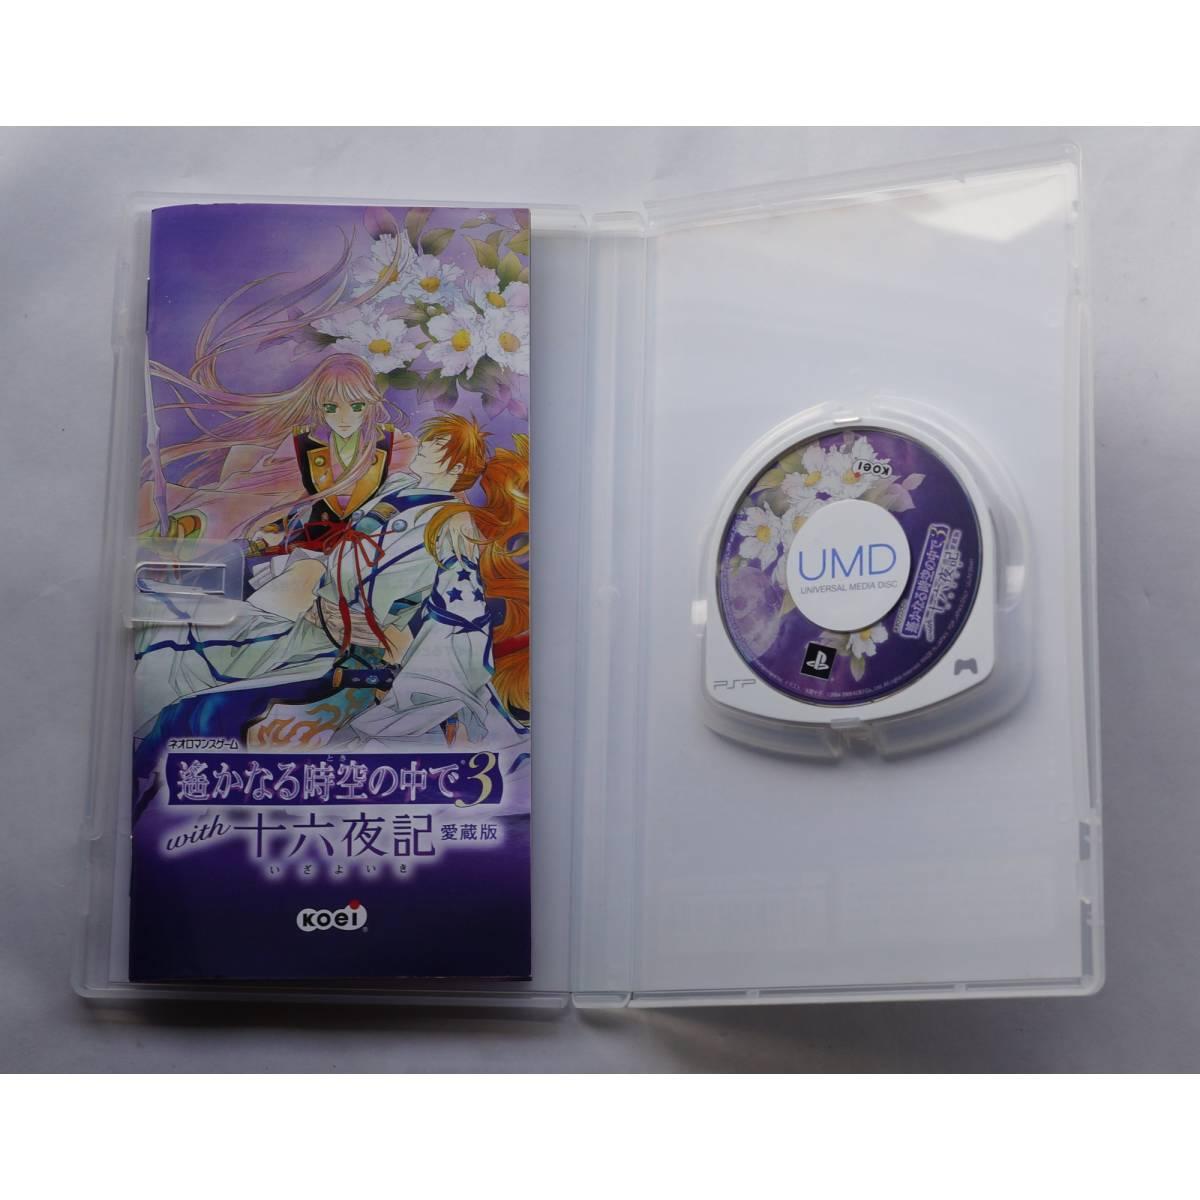 PSPゲーム 遙かなる時空の中で3 with 十六夜記 愛蔵版 ULJM-05441